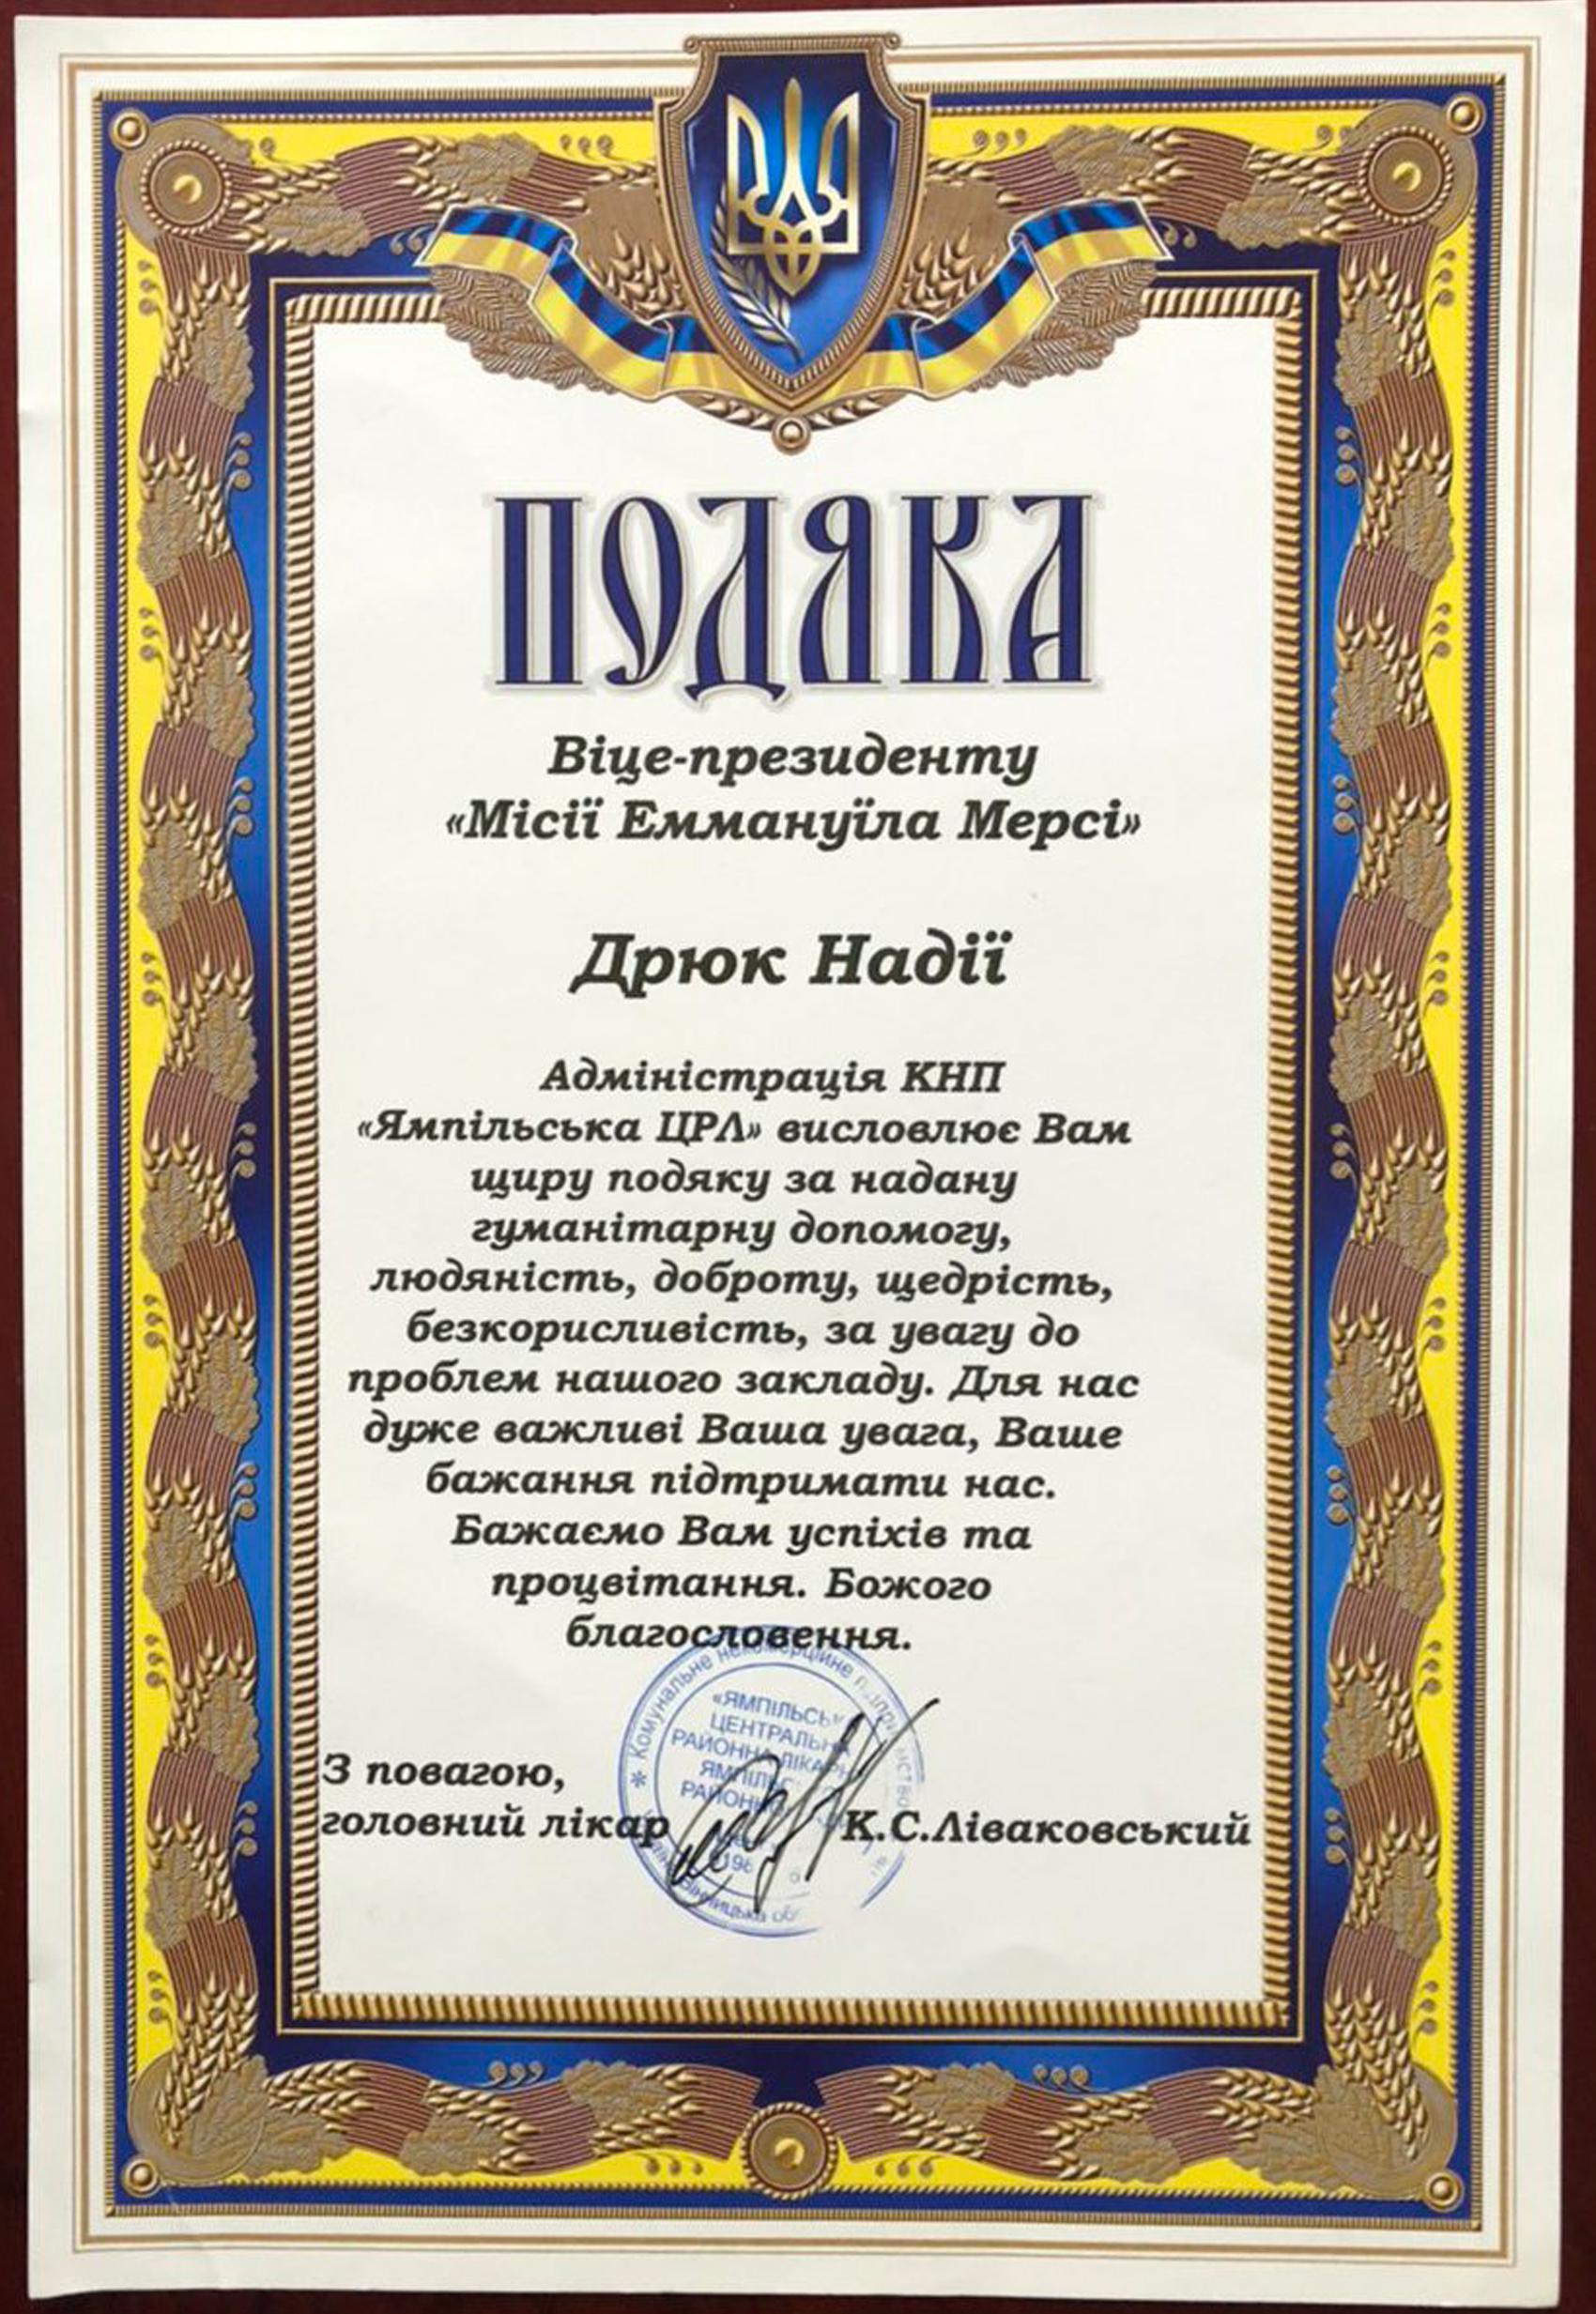 Cert-ukr-2019-8